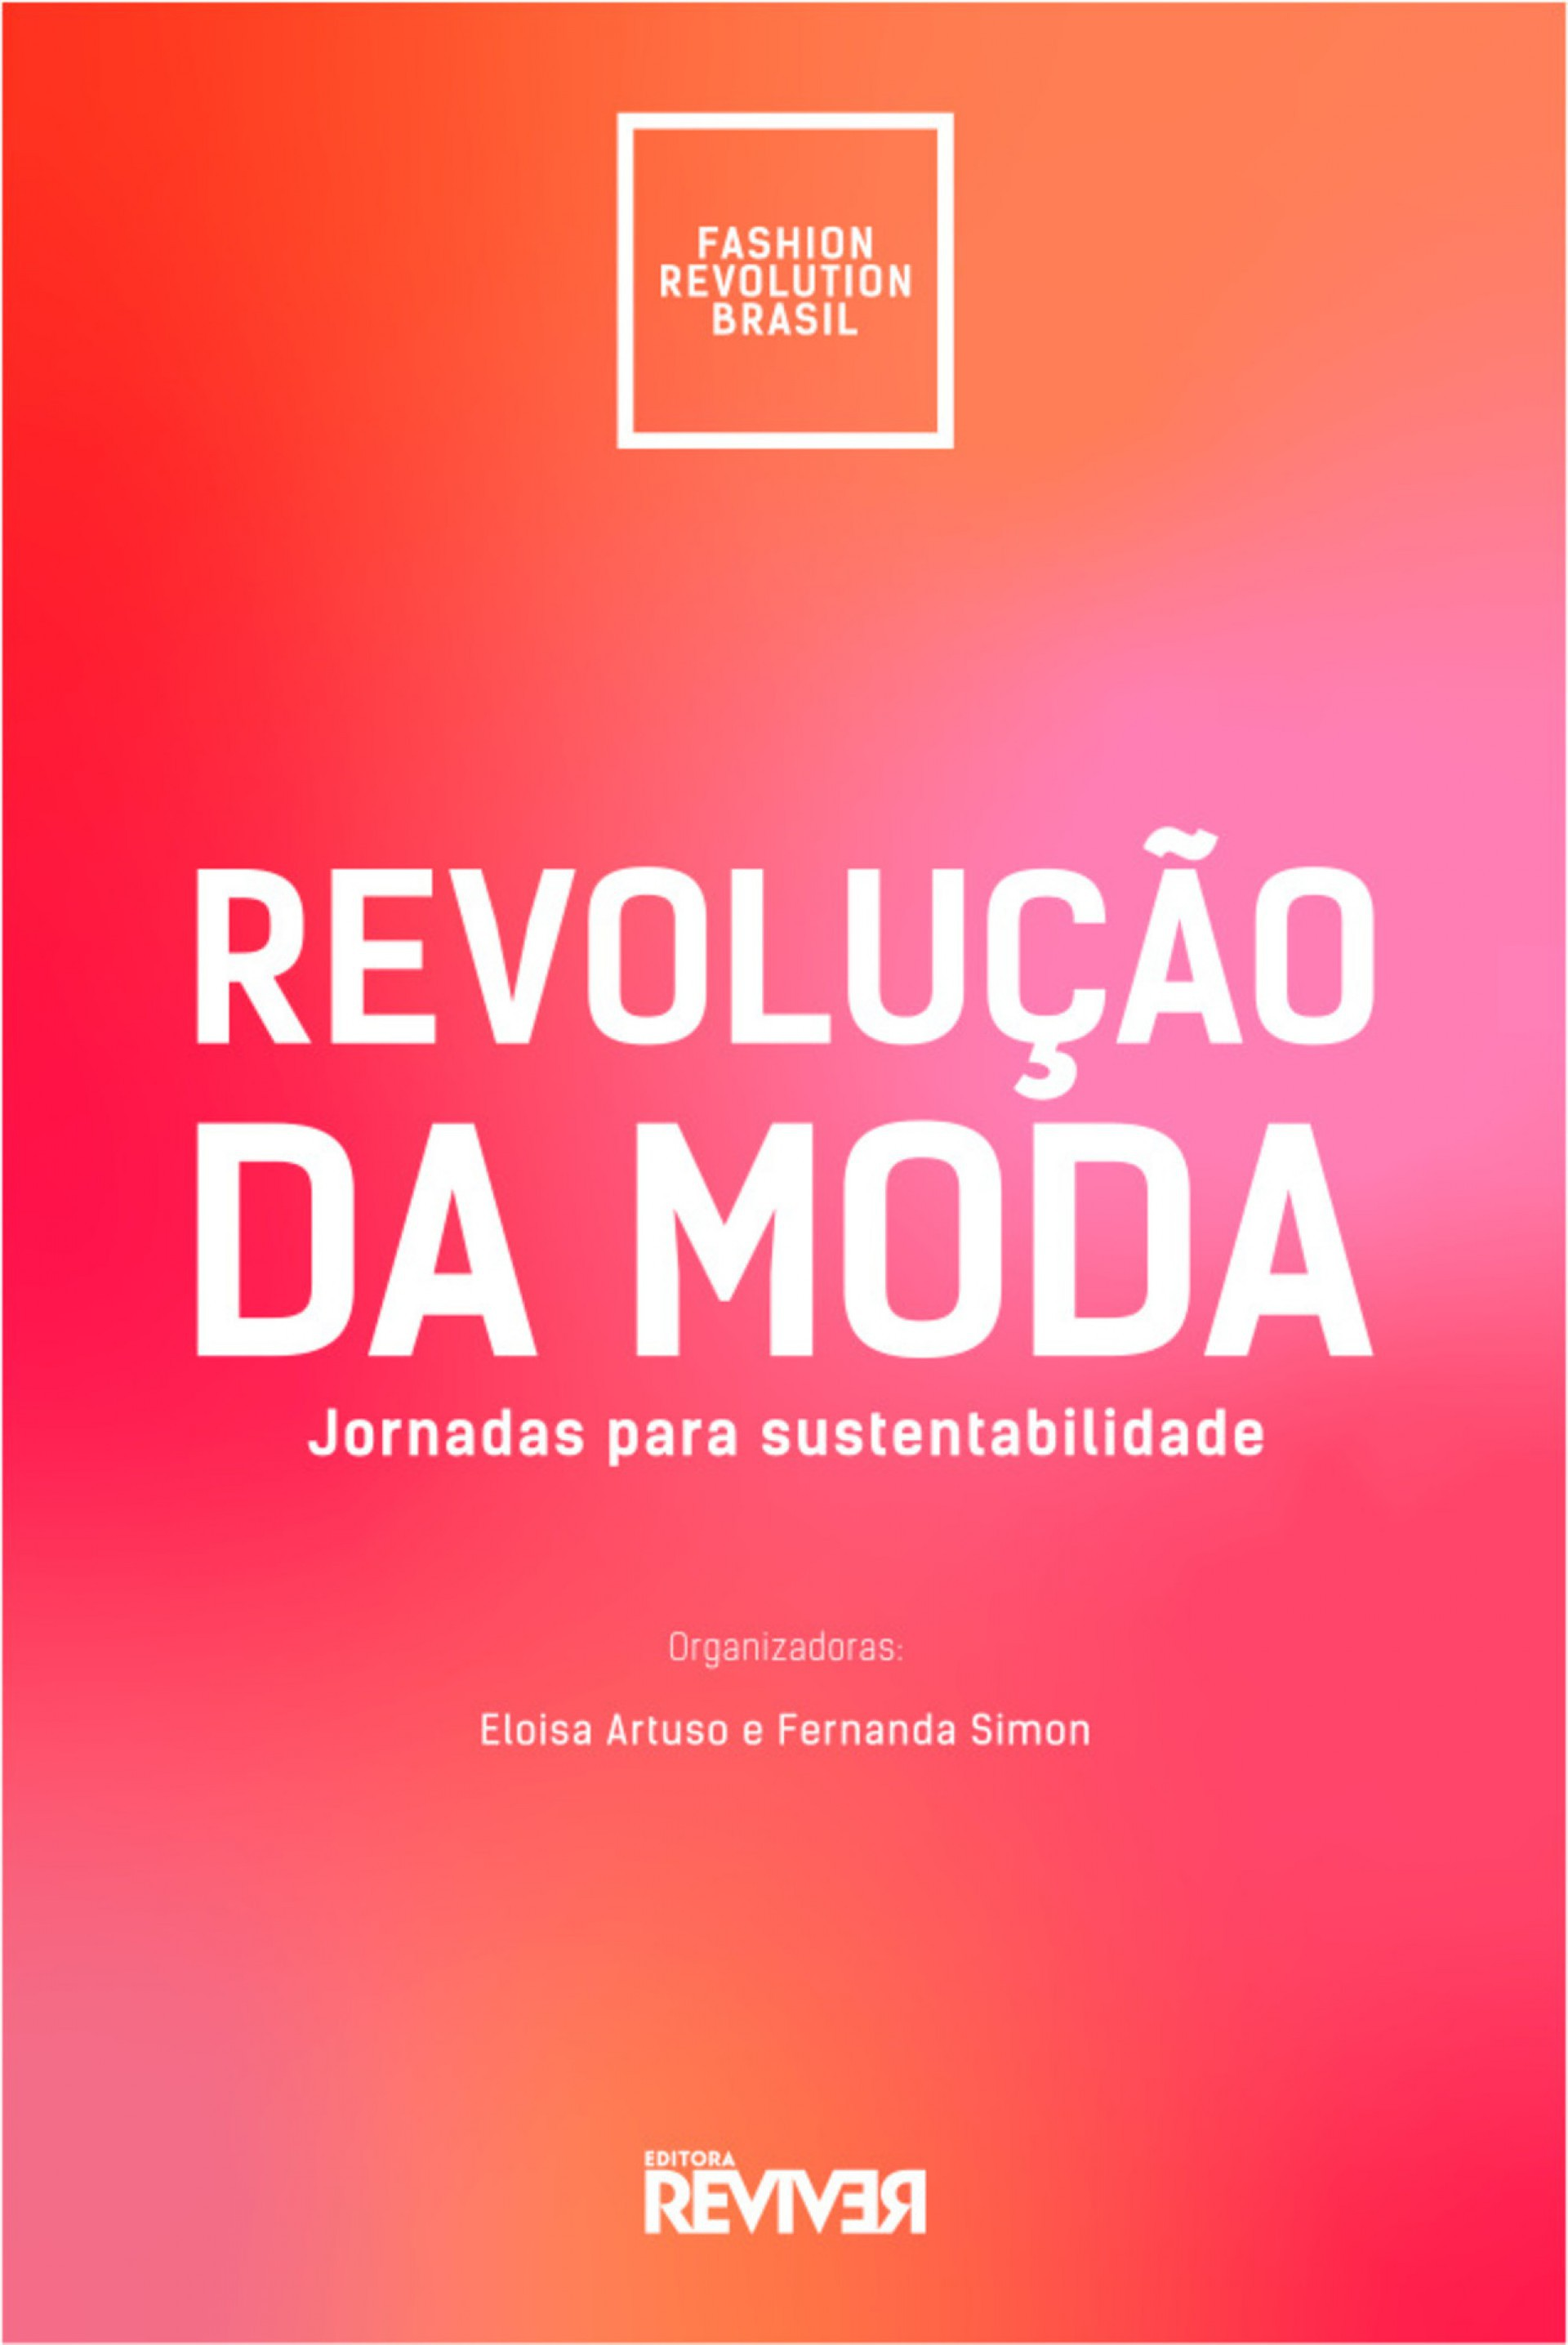 O livro à venda no site da ed. Reviver e na Amazon (R$ 50) (Foto: Reprodução/Reviver)